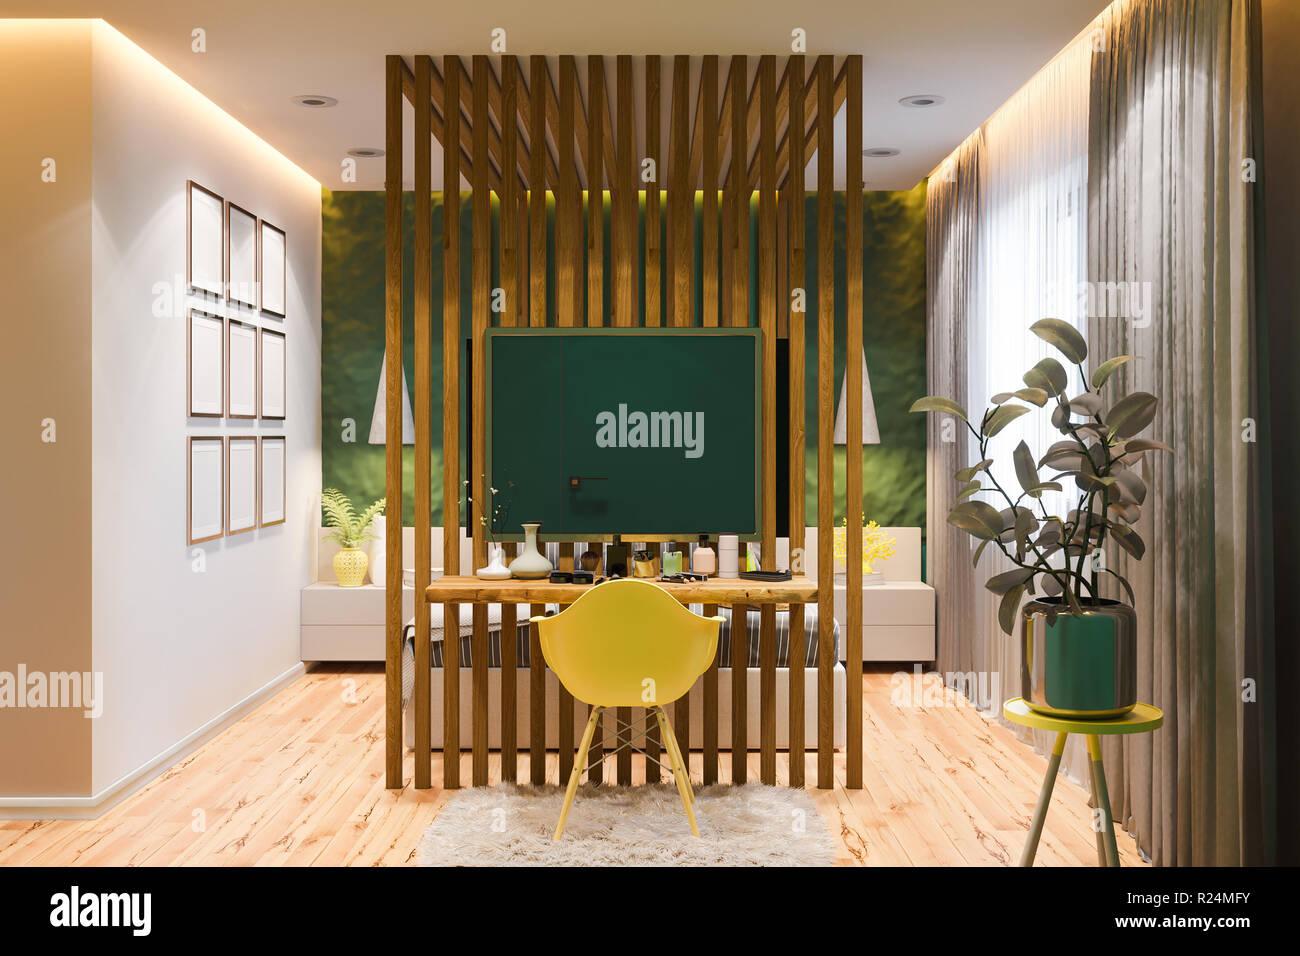 Interni Di Una Casa Di Campagna : D illustrazione di una camera da letto principale in una casa